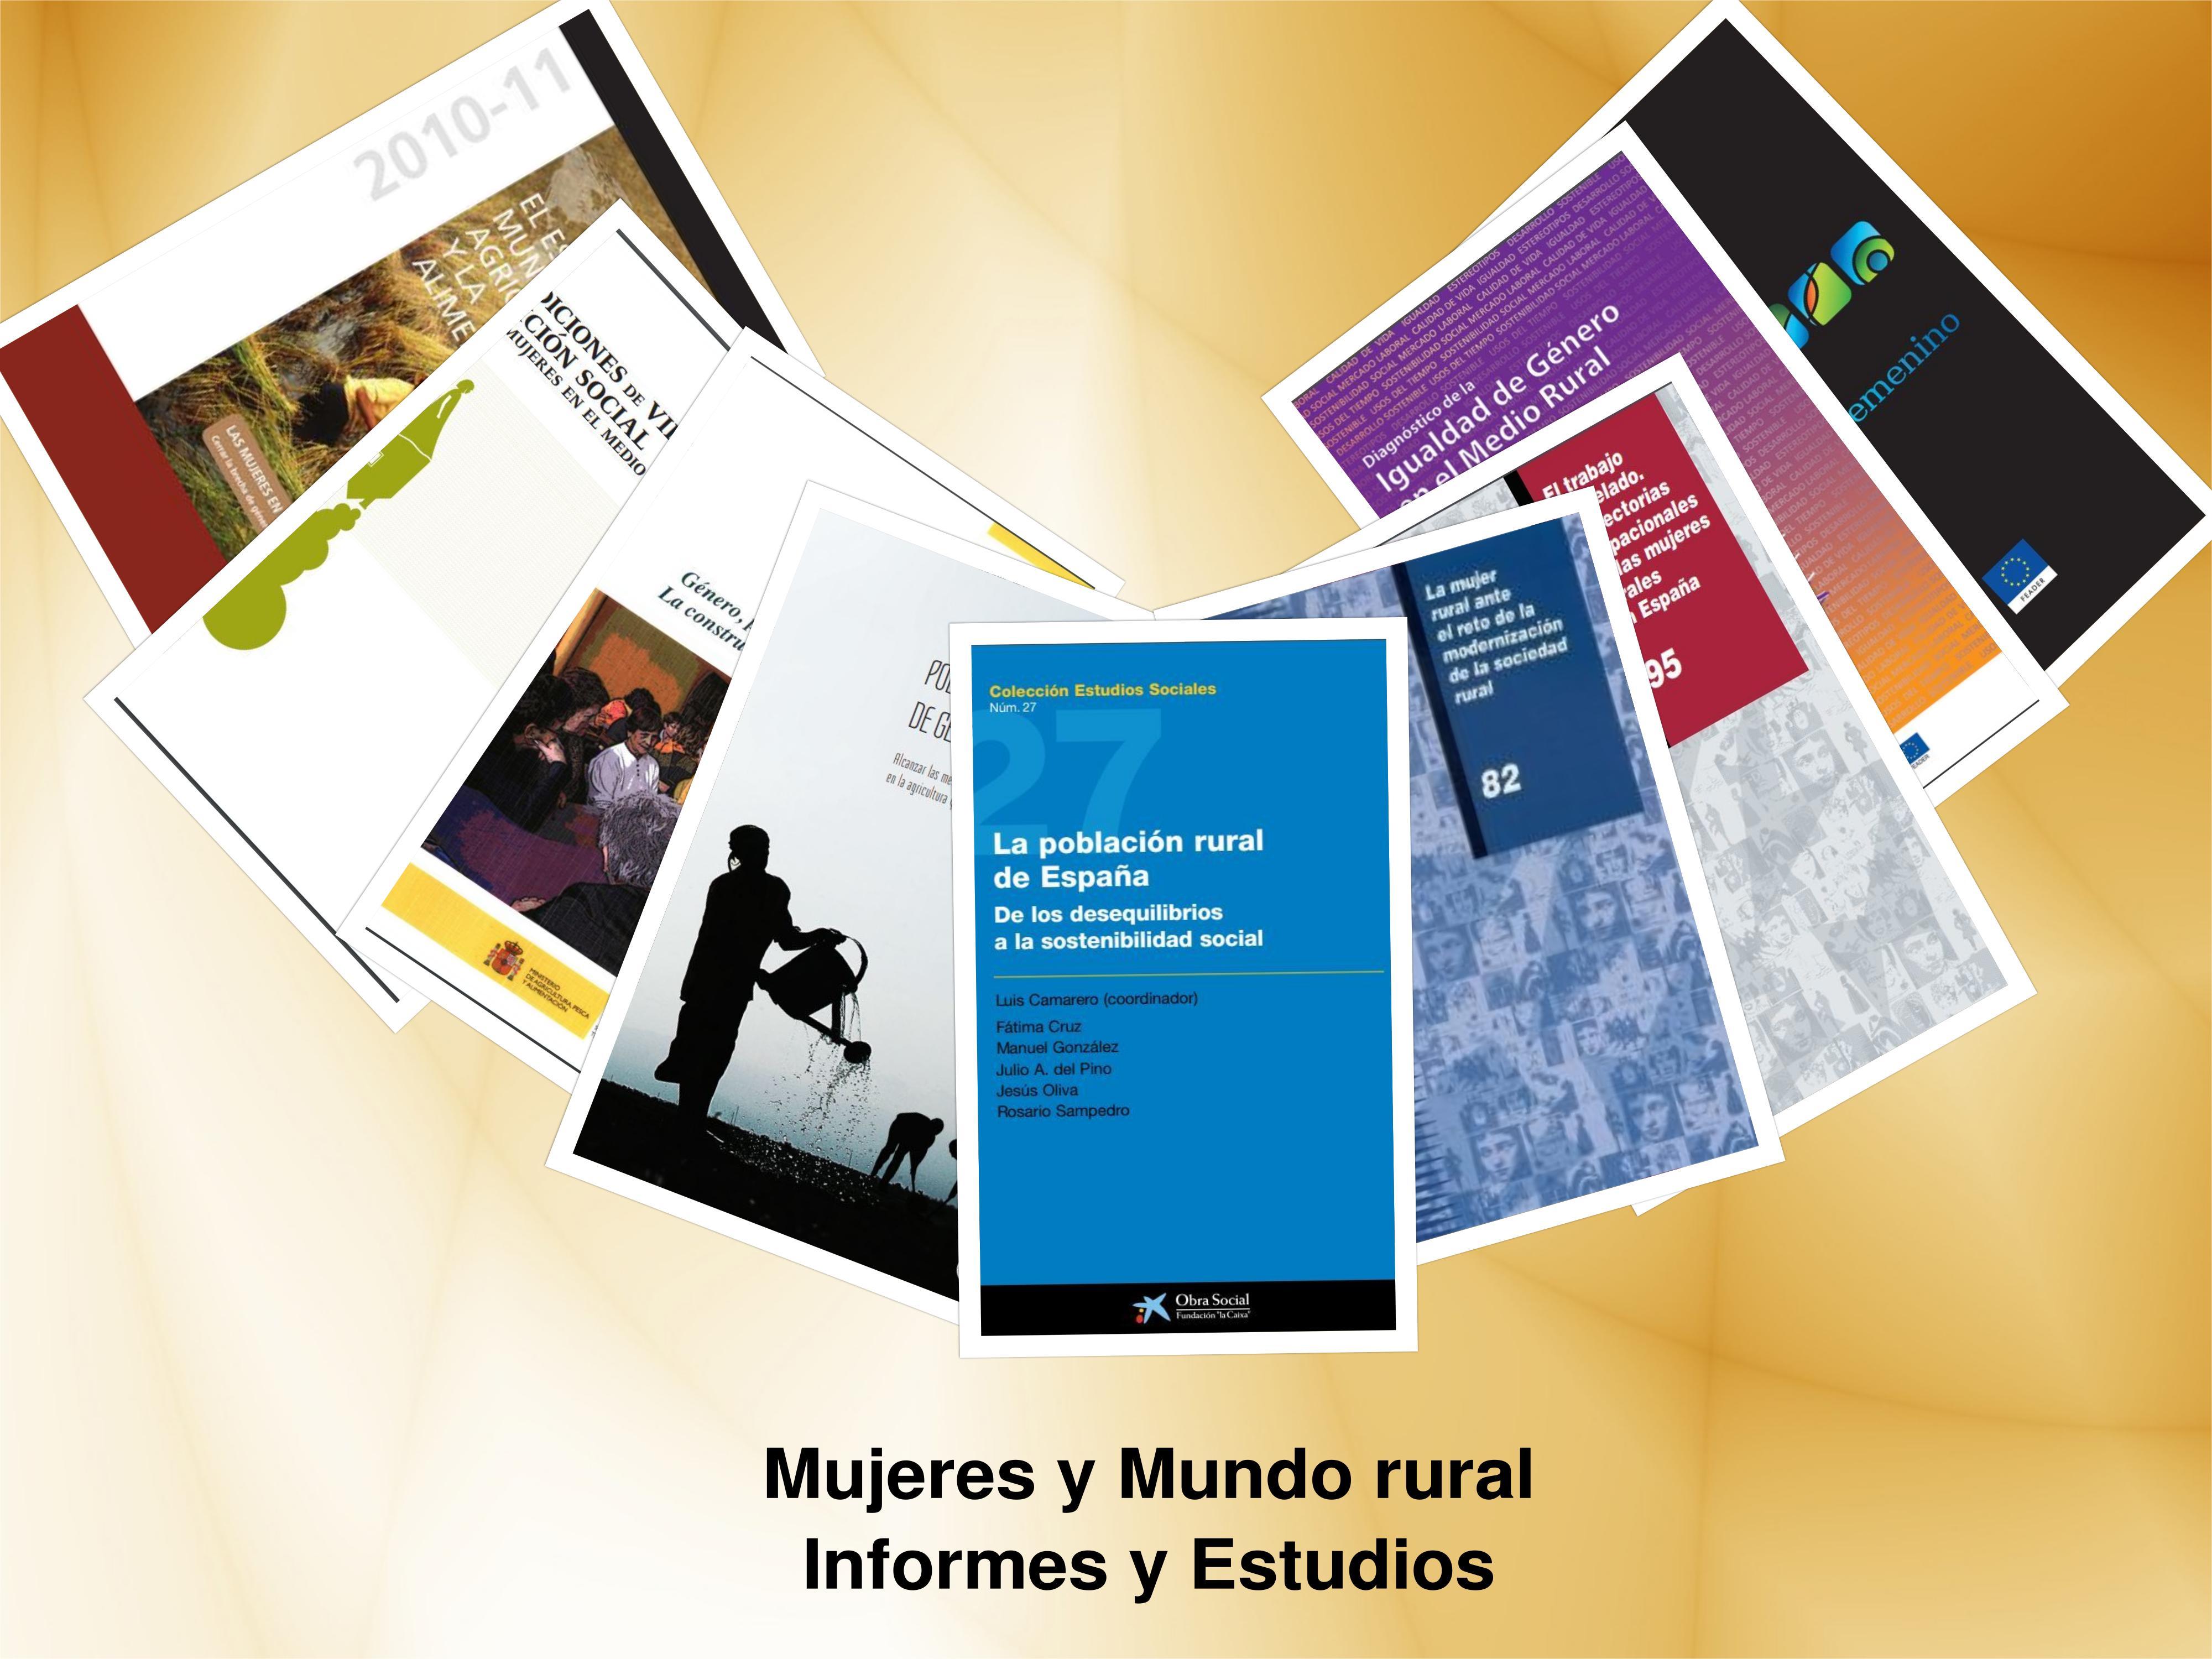 e30edafde Recopilación de informes y estudios que abordan los desequilibrios que se  producen en la población rural, las condiciones de vida y la posición  social que ...